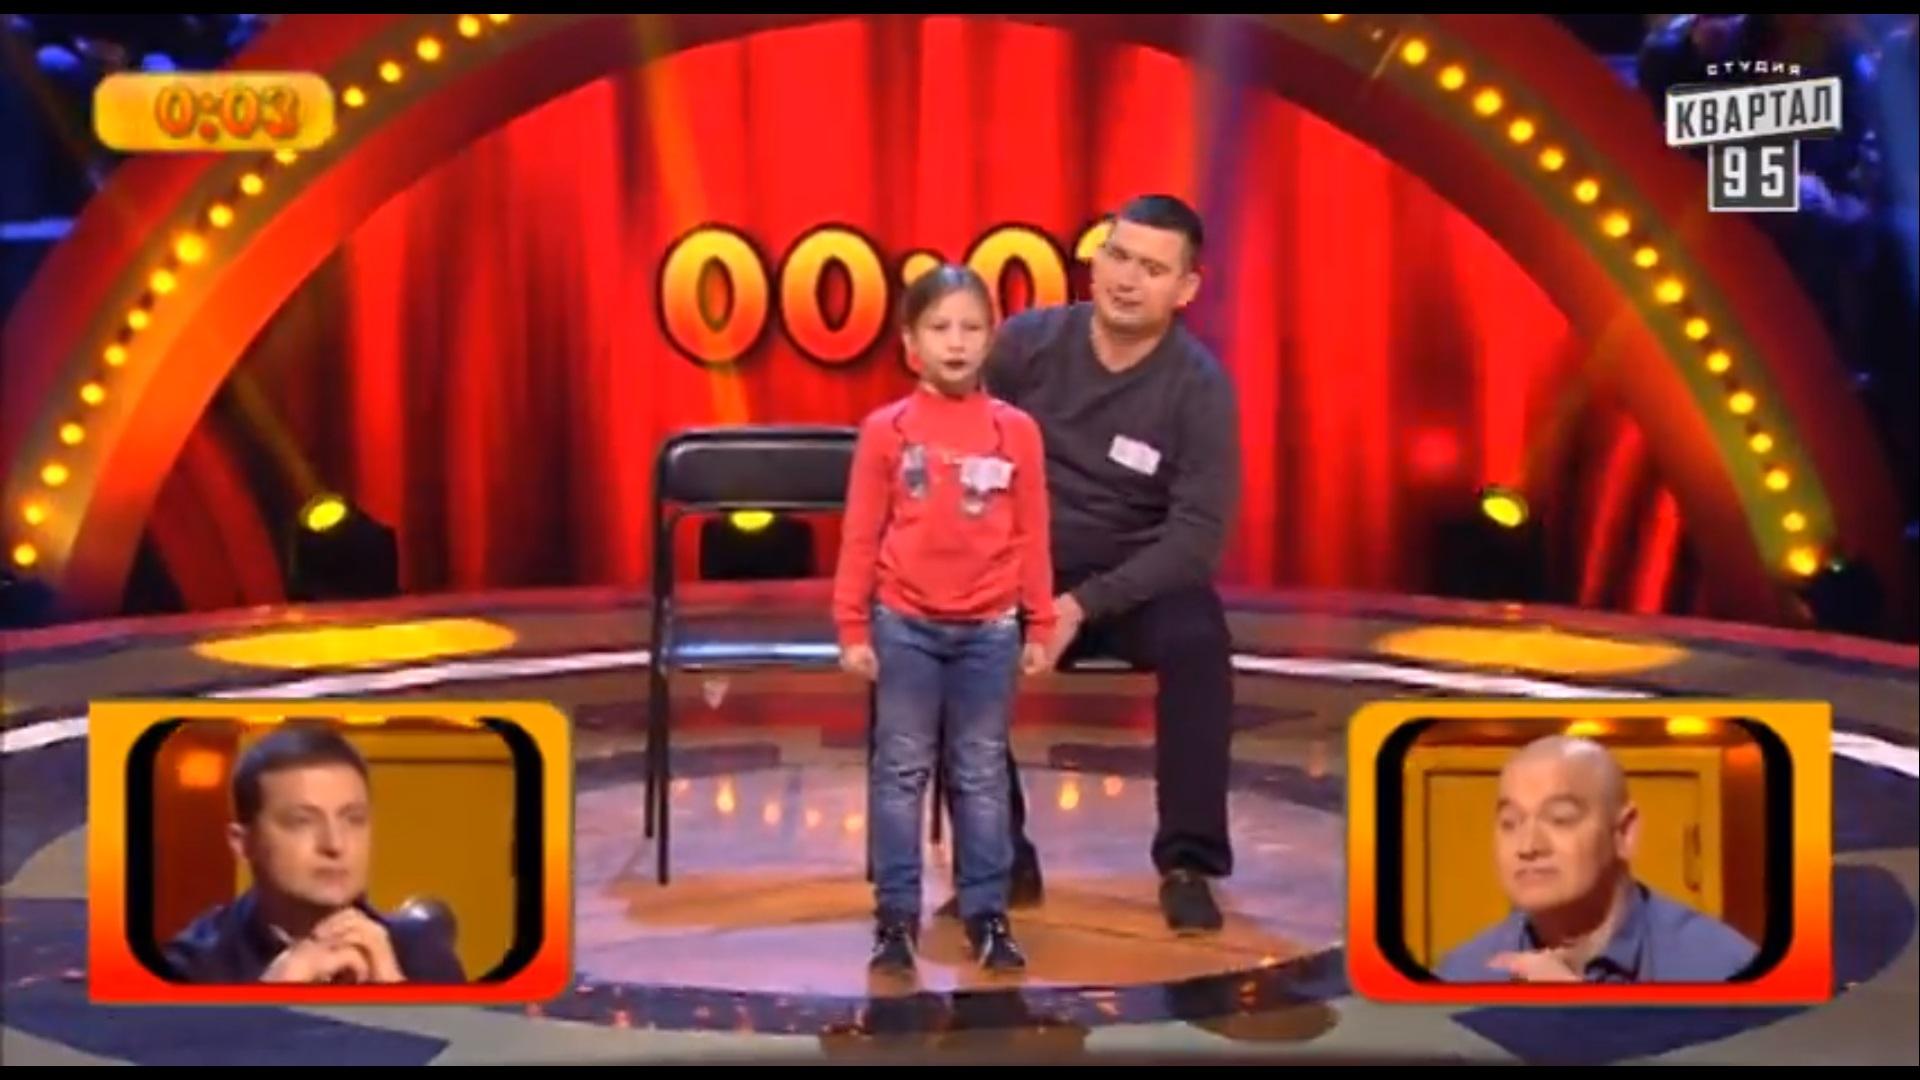 """Отец с дочерью разорвали зал и рекордно быстро выиграли главный приз на """"Рассмеши комика"""" (ВИДЕО)"""